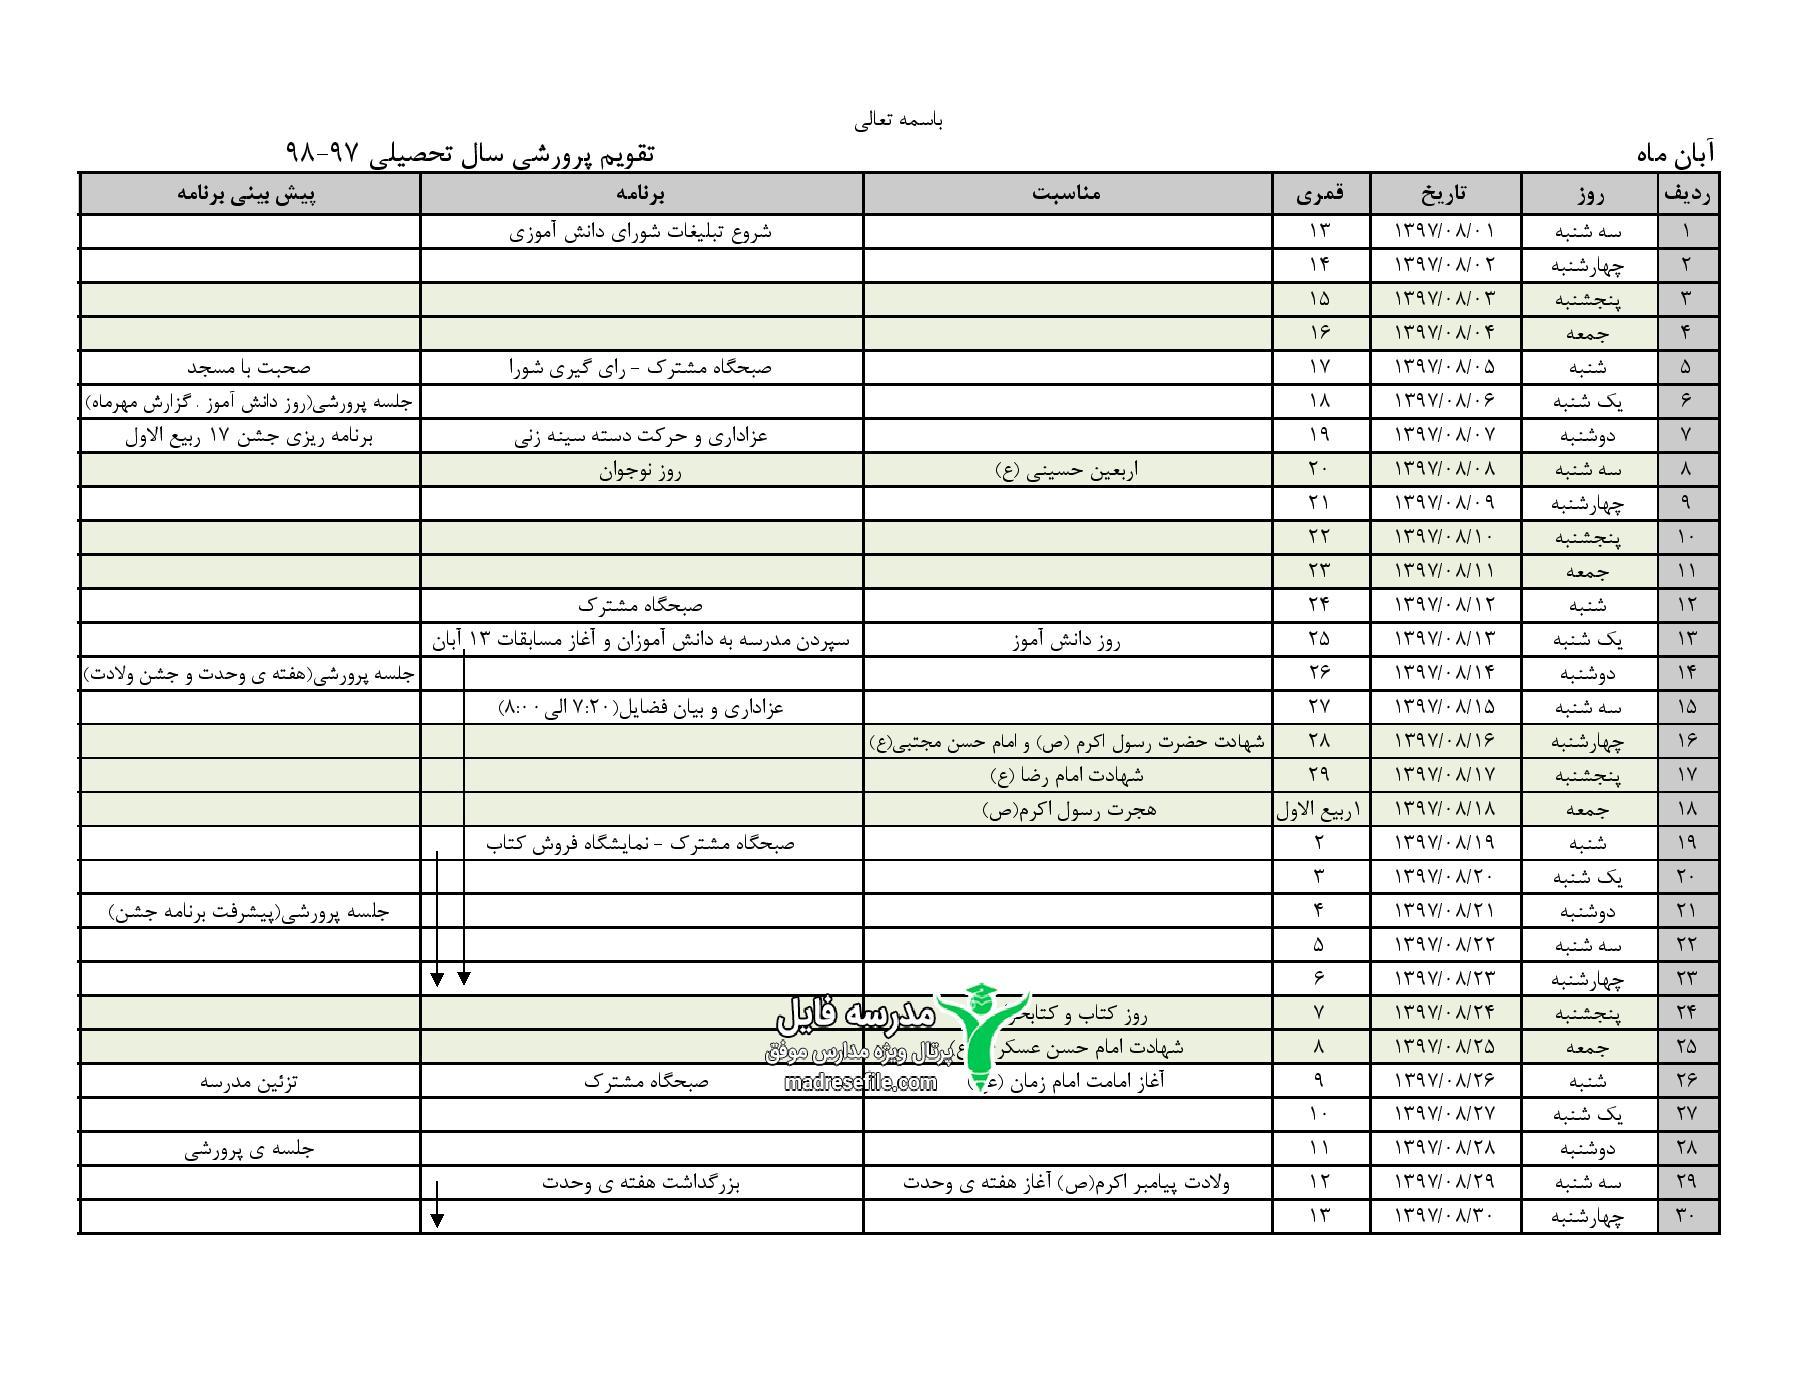 تقویم اجرایی و برنامه سالانه پرورشی آبان ماه 97